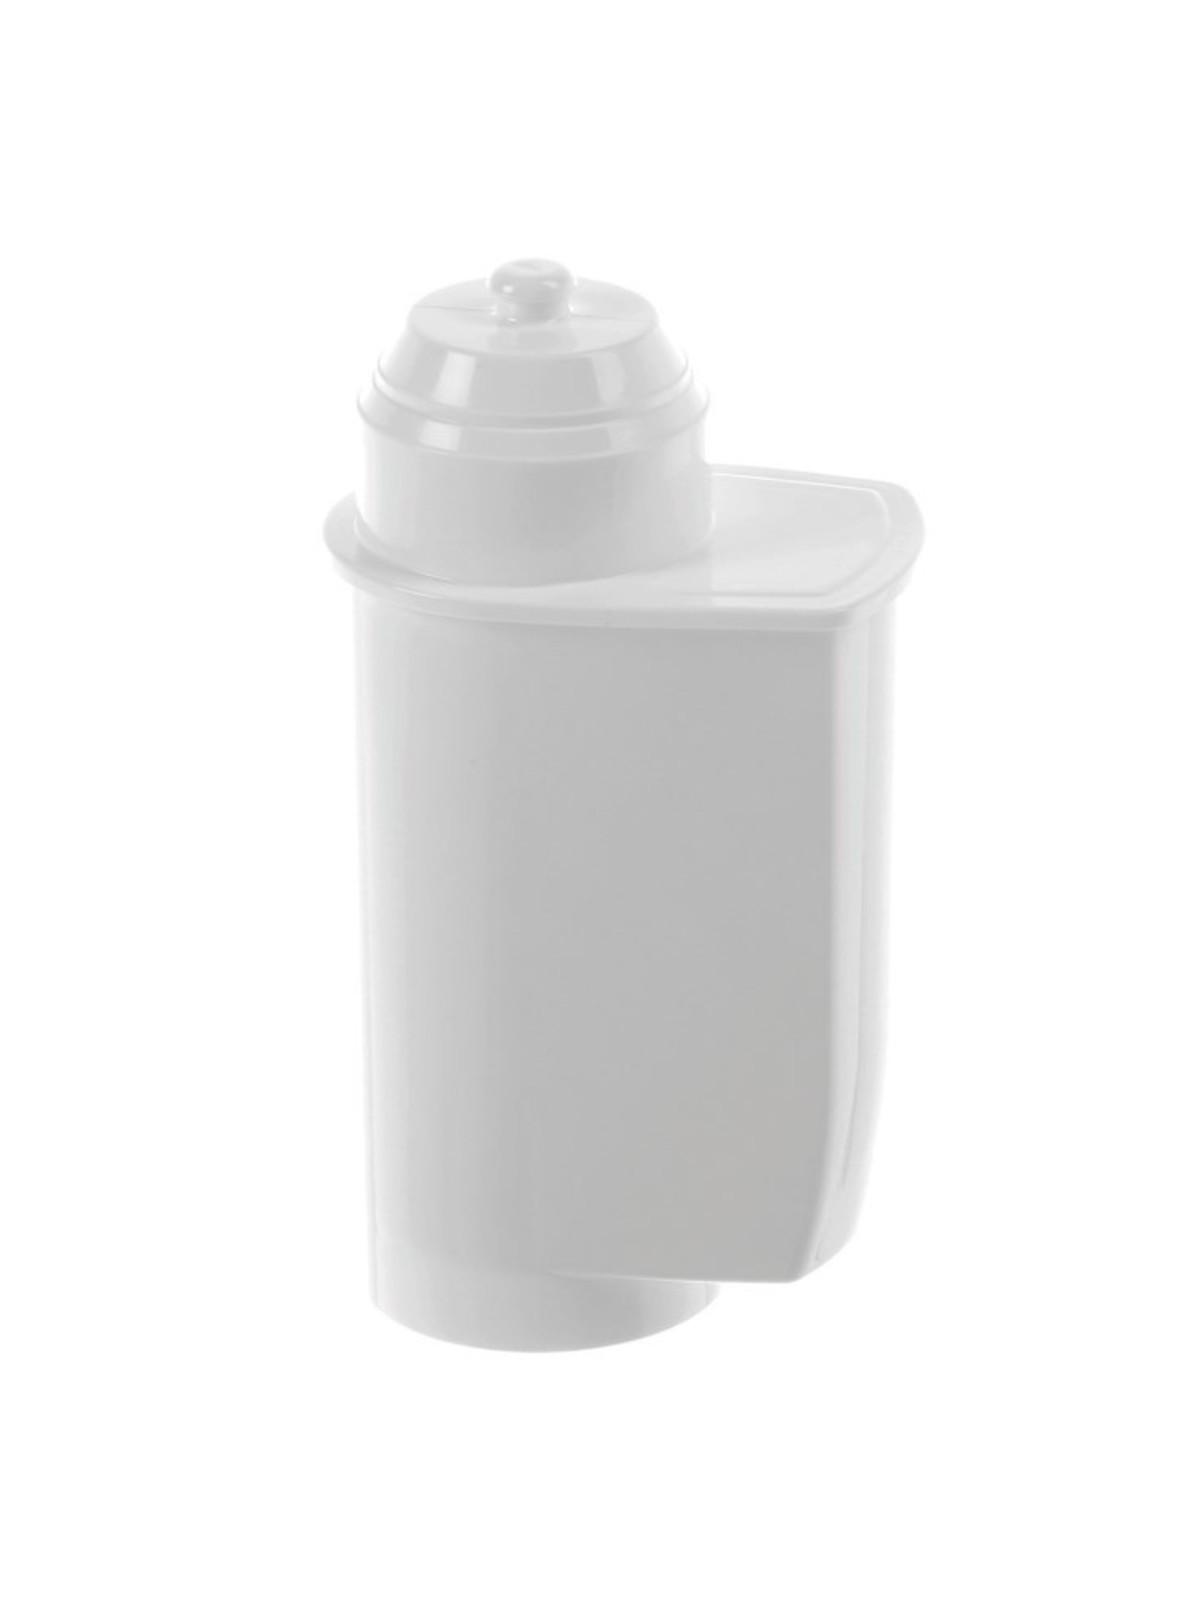 GAGGENAU Brita Intenza Water Filter